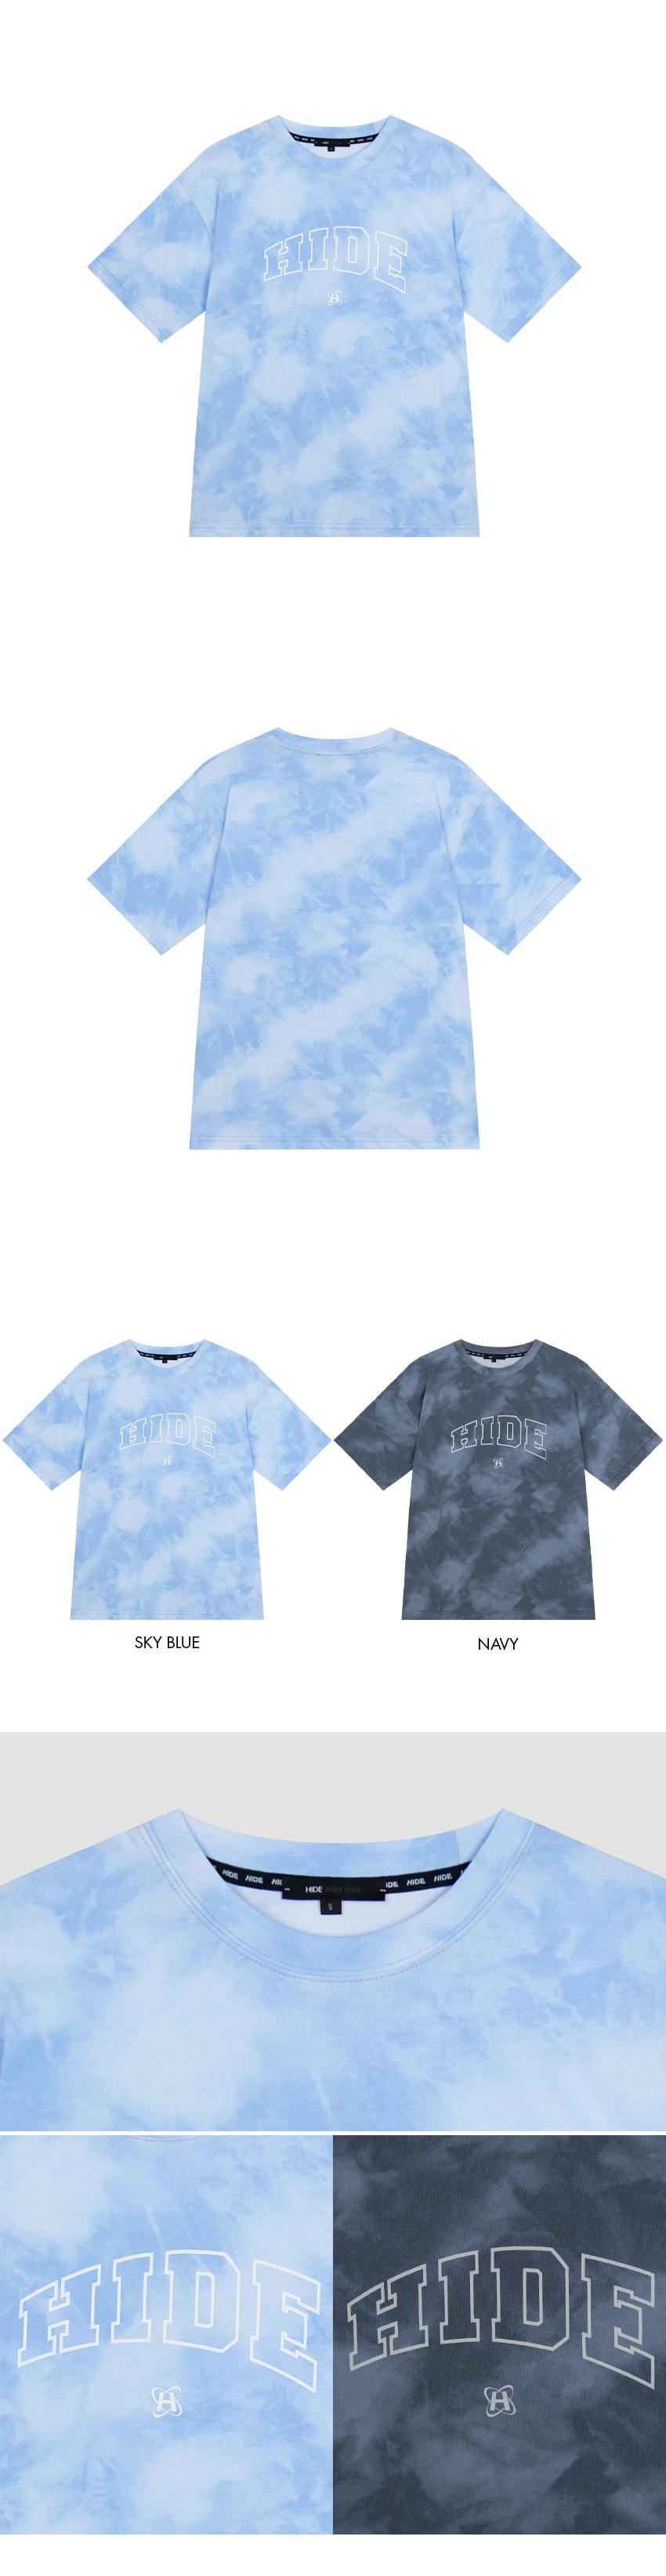 HIDELogo Detail Tie-Dye T-Shirt